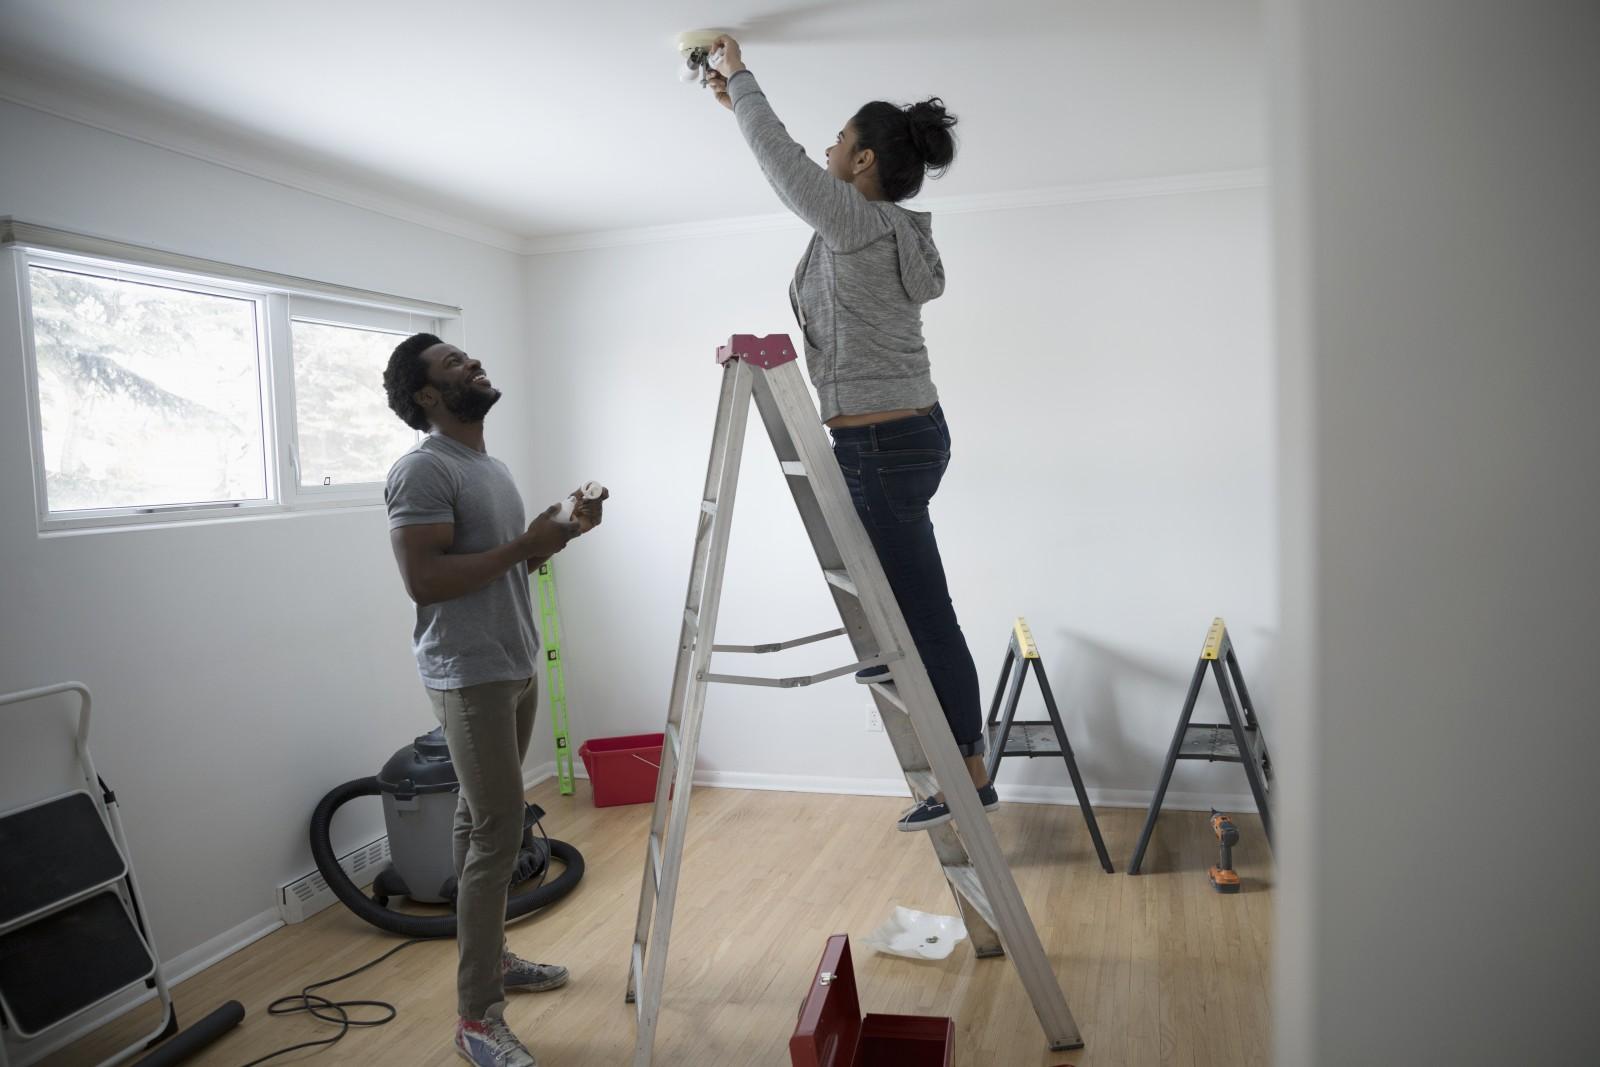 Cách thay đổi đèn cố định – Hướng dẫn tự làm dễ dàng